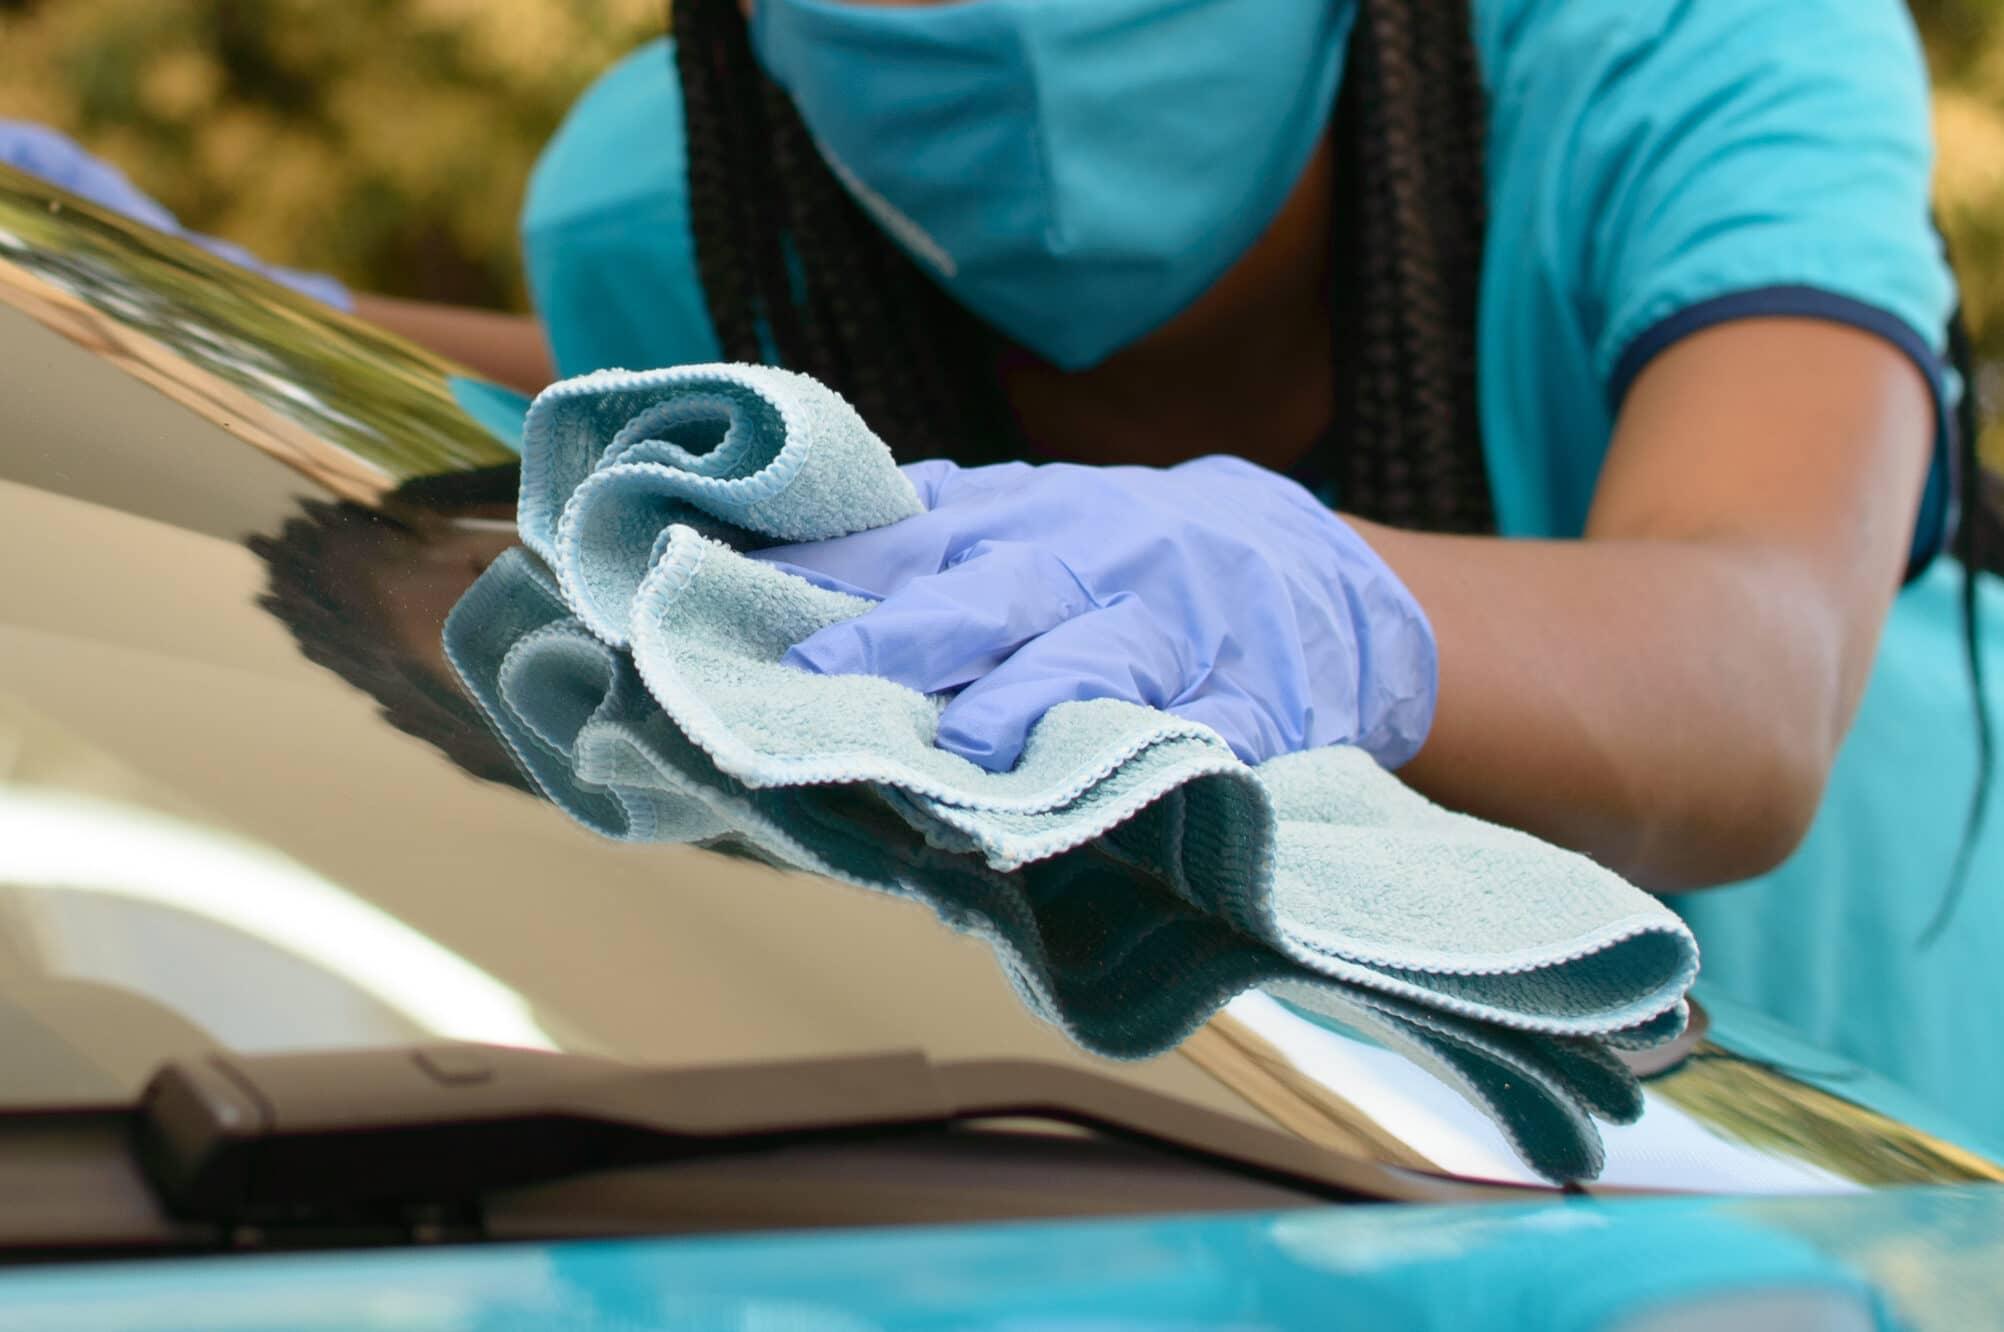 Funcionária da Acquazero usando uniforme azul e luvas azul realizando o procedimento de cristalização de vidros em um carro também azul. Imagem ilustrativa para o texto lava rápido buritis.